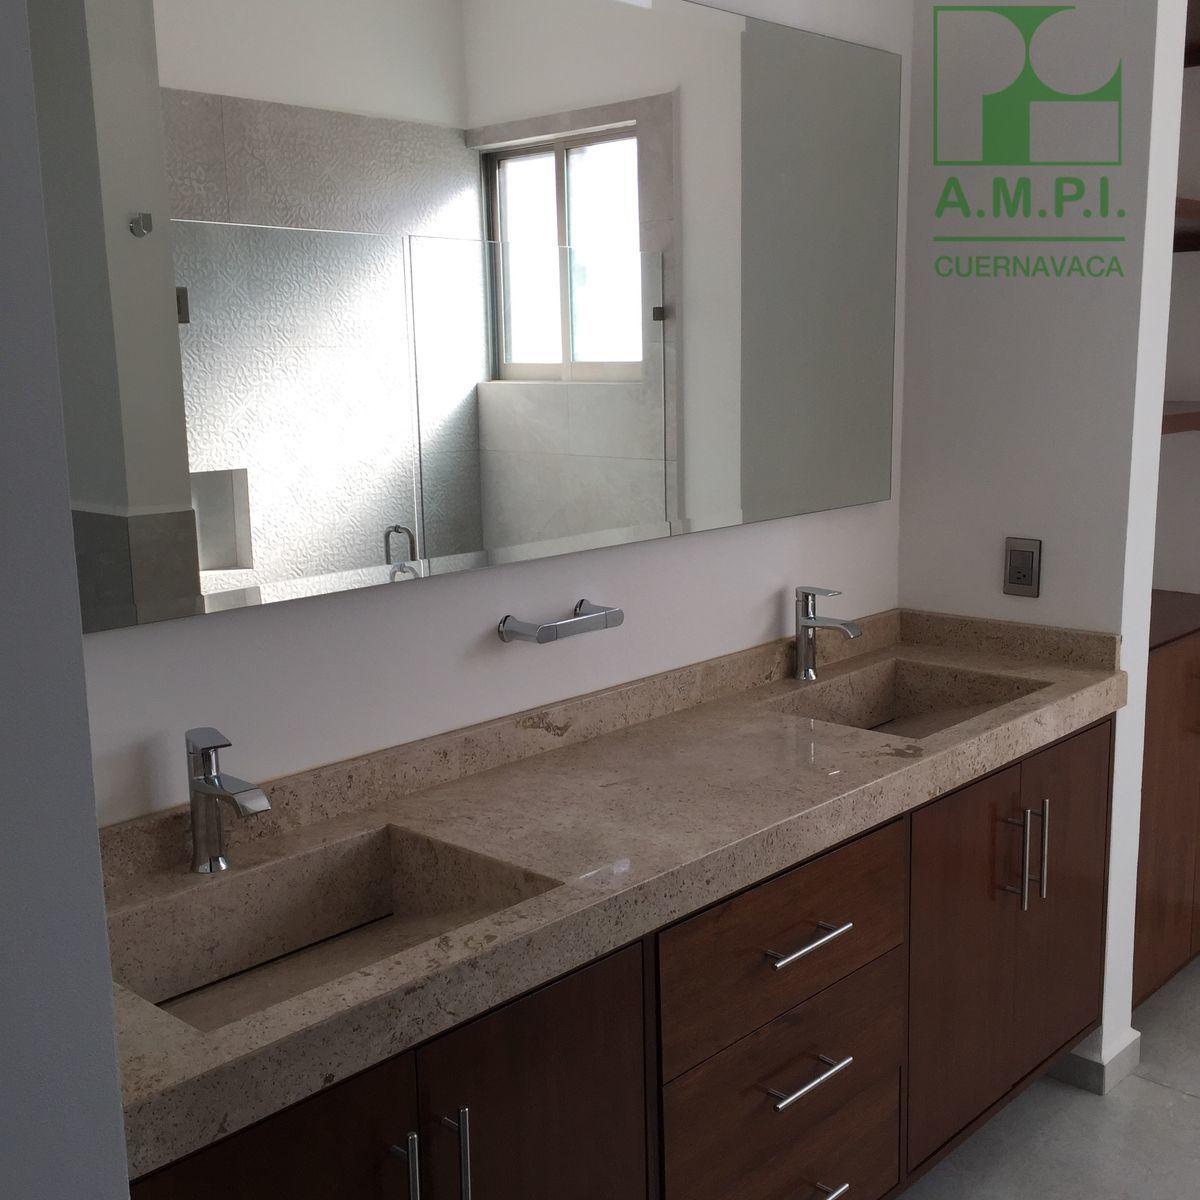 10 de 36: Habitaciones amplias con baño completo y vestidor, acabados